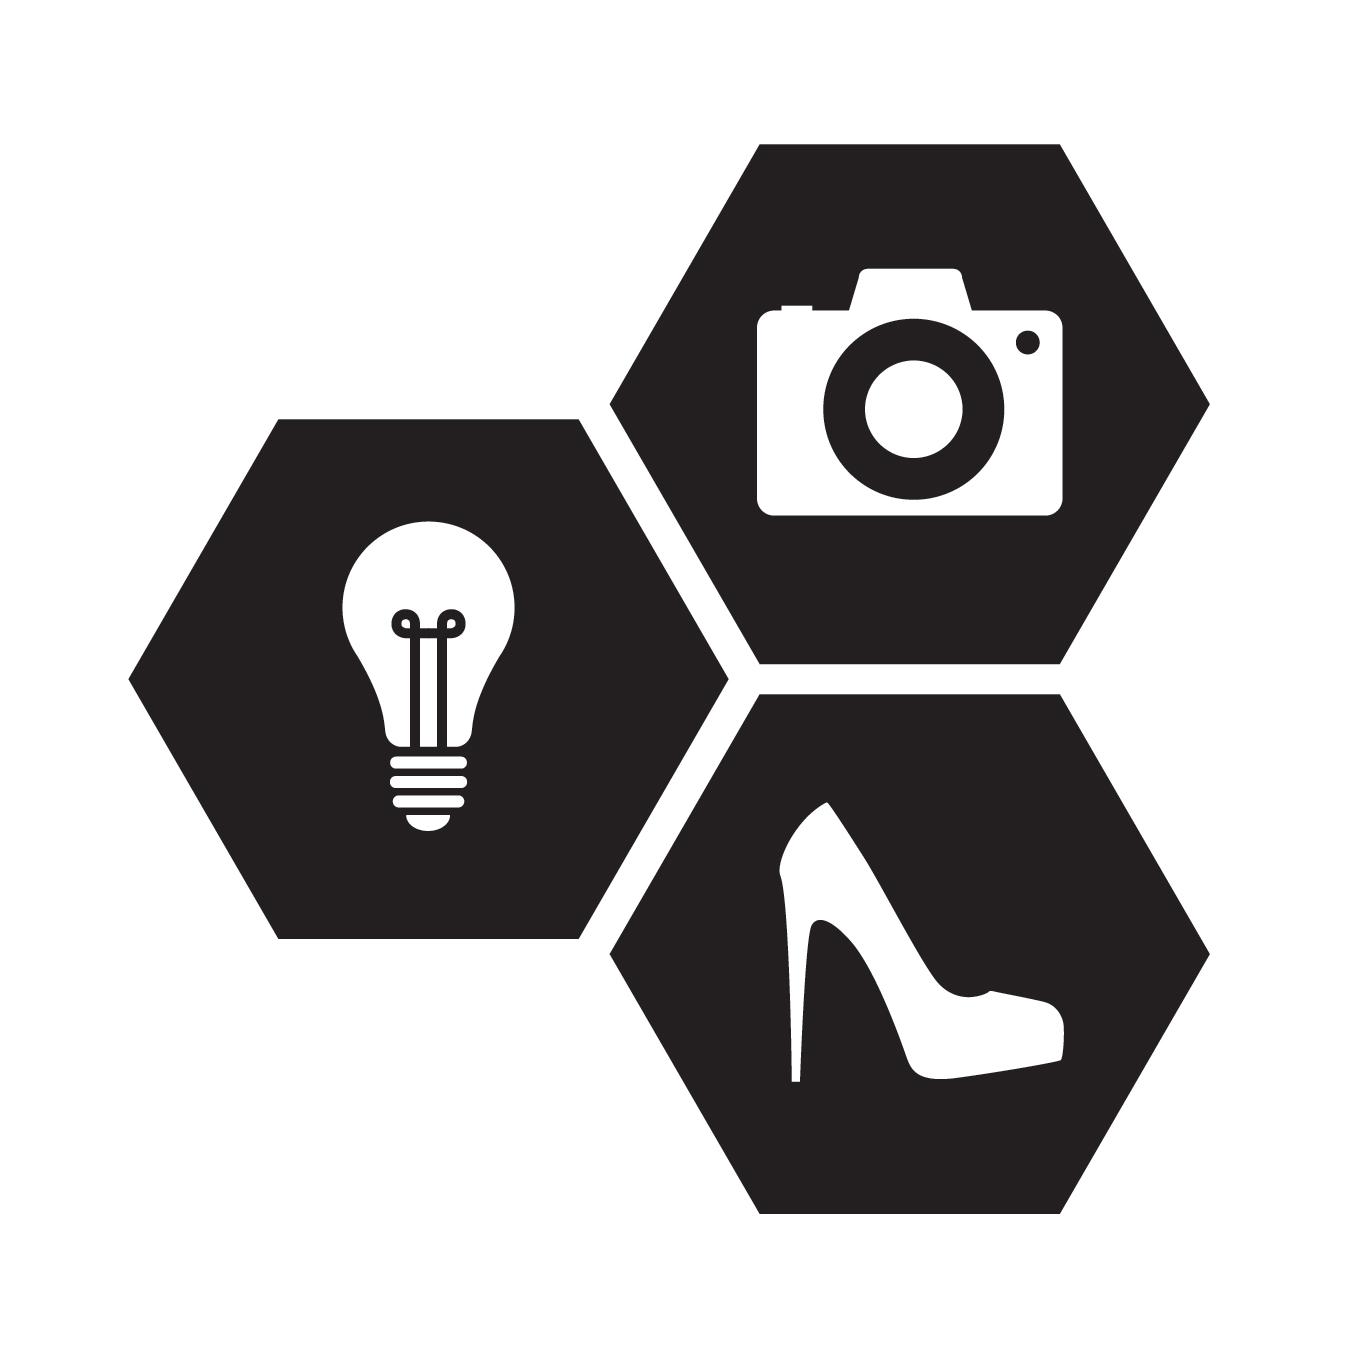 STNYC_Icon2.jpg